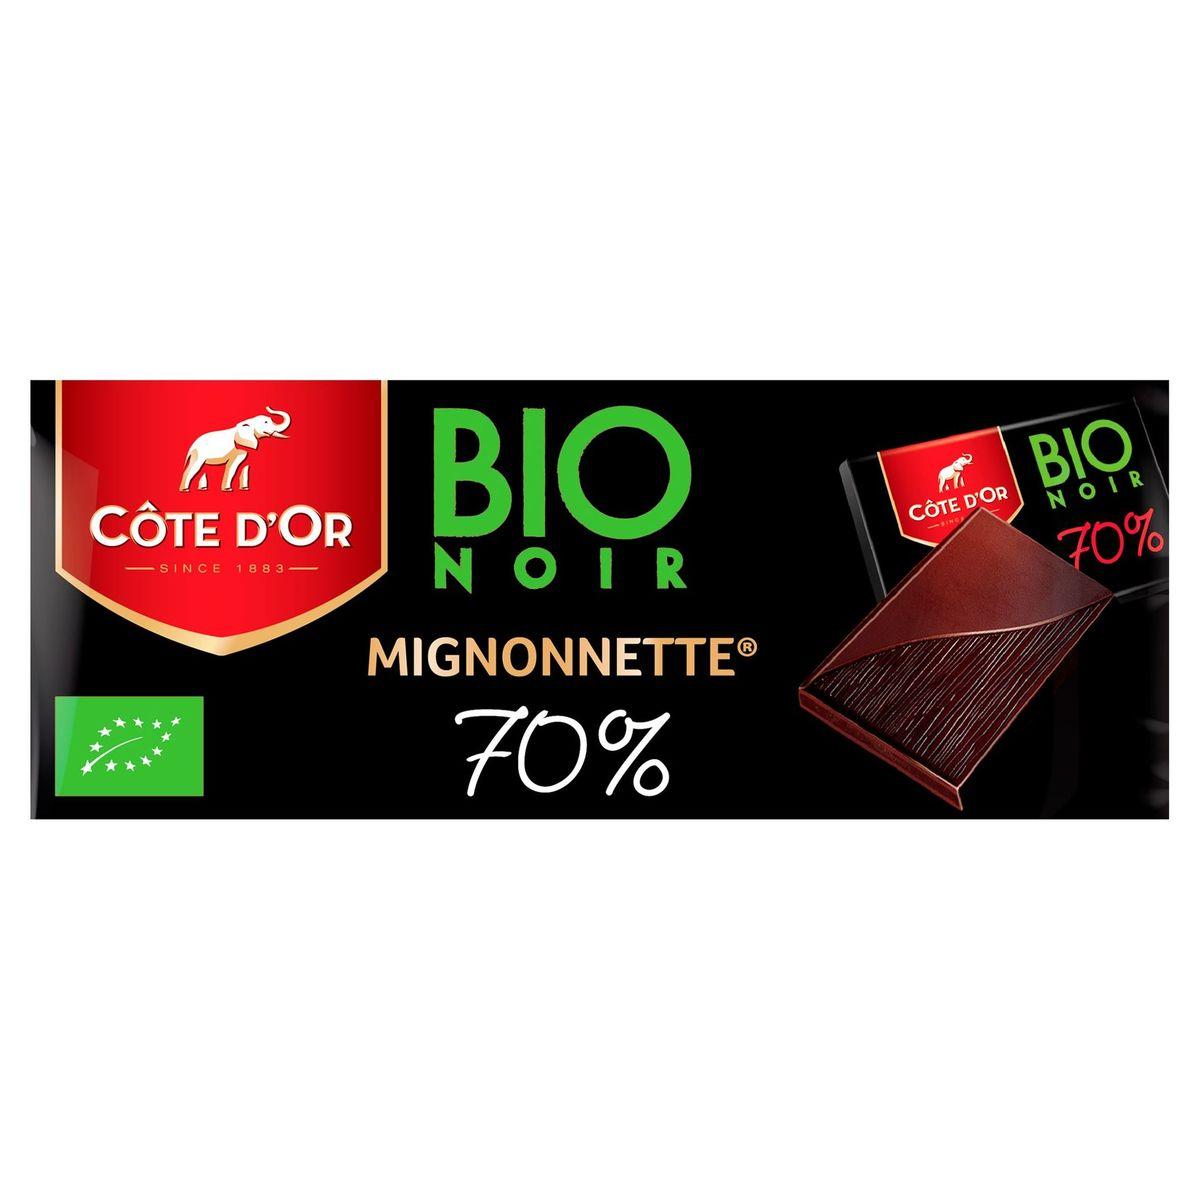 Côte d'Or Bio Noir Mignonnette 70% 180 g